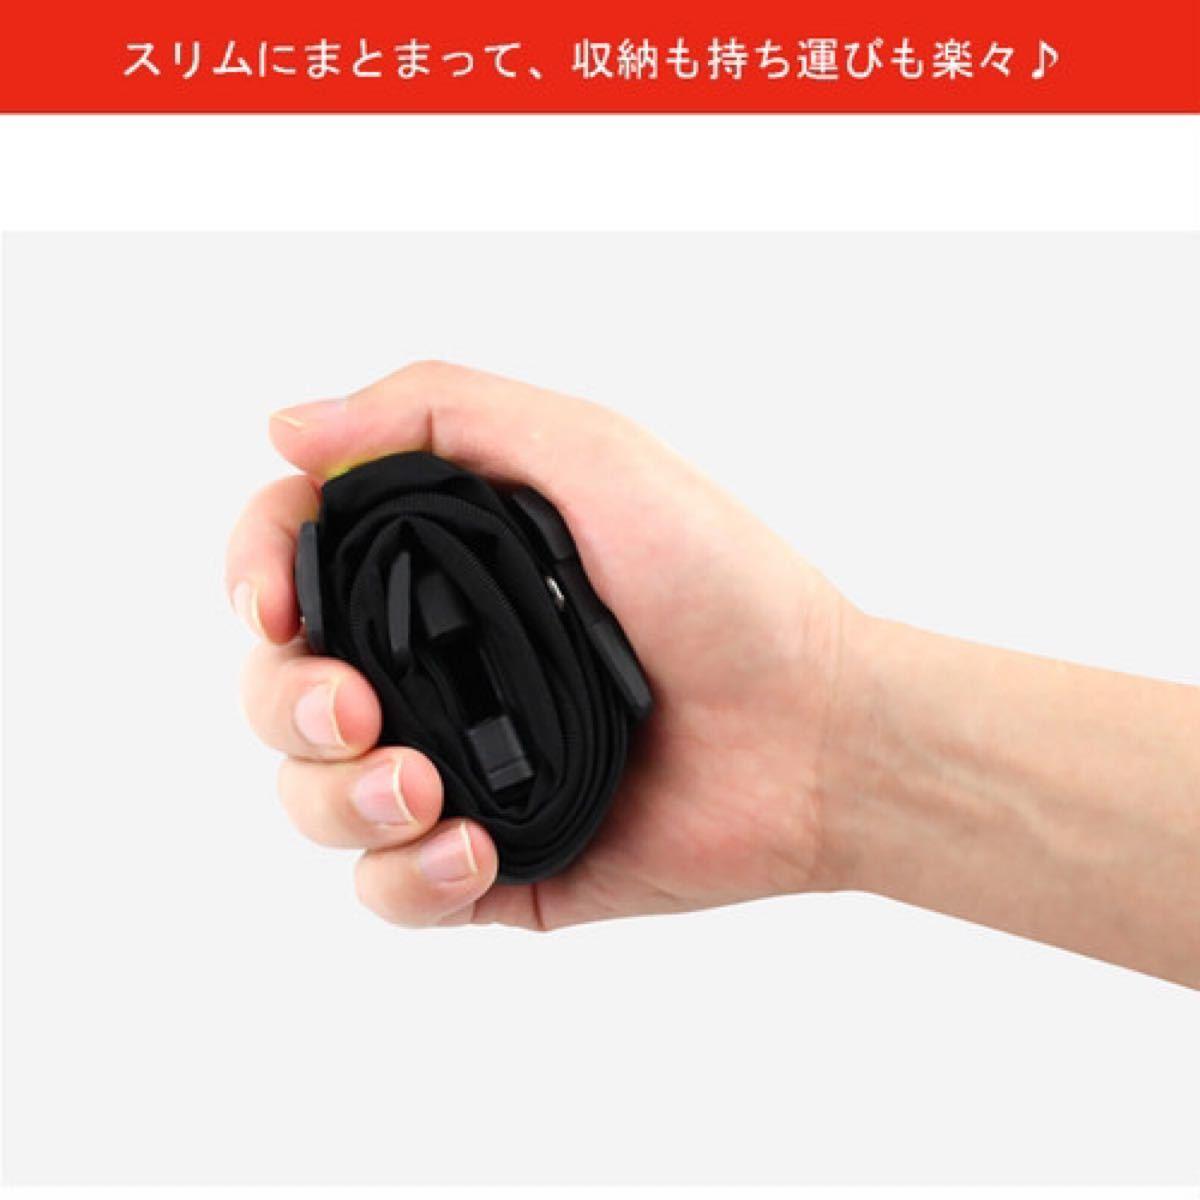 ランニング ポーチ 【黄緑】 防水 ウエストポーチiphone ランニングポーチ